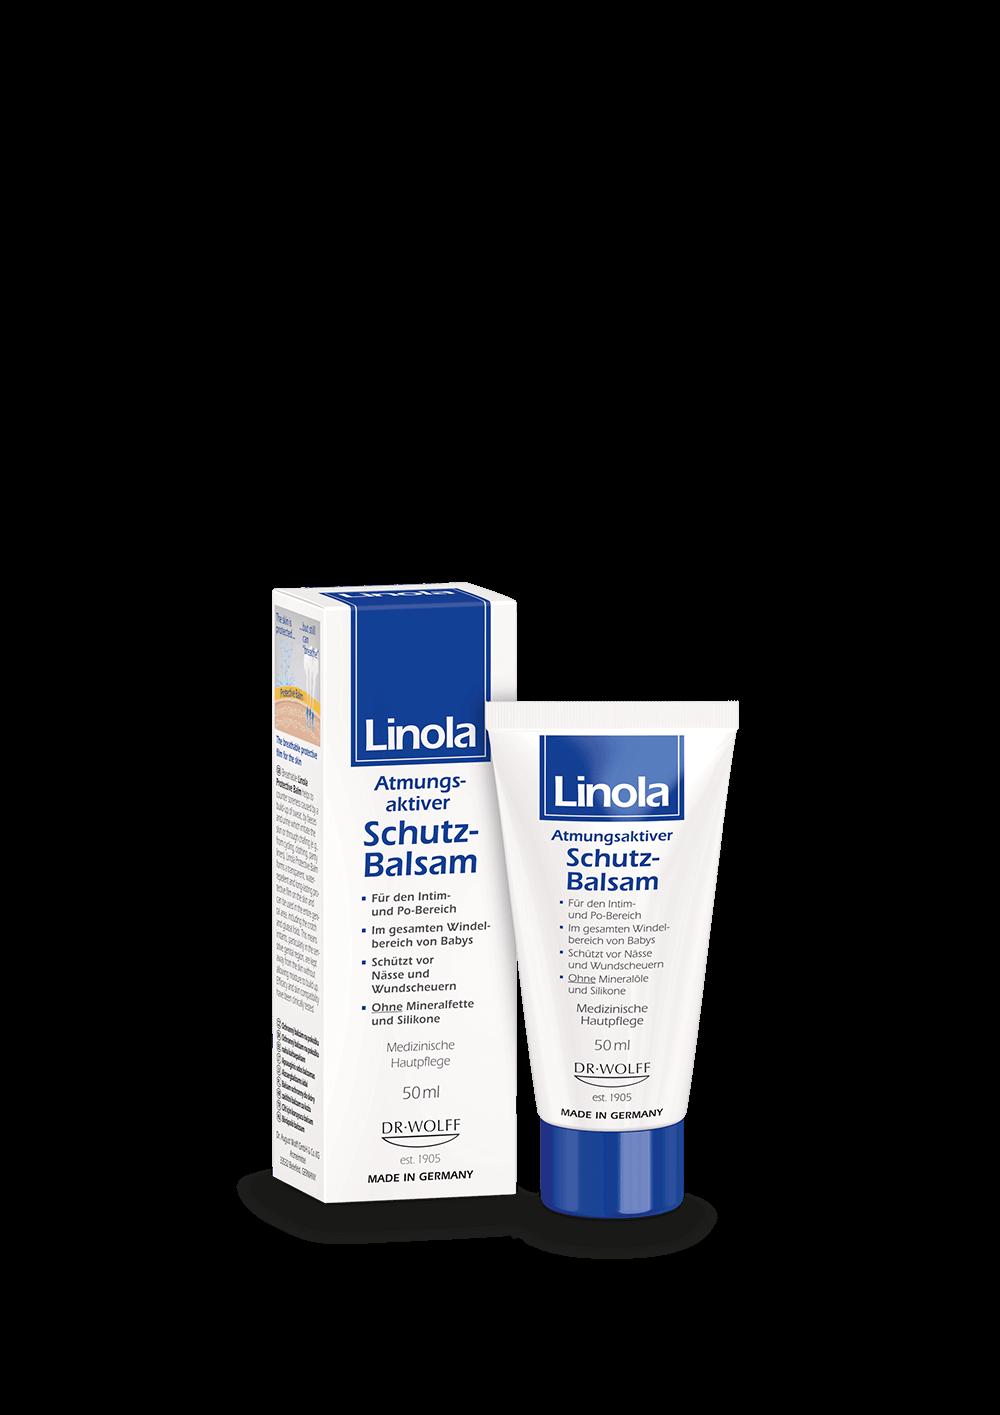 Linola Schutz-Balsam - Schutz vor Scheuern & Wundwerden